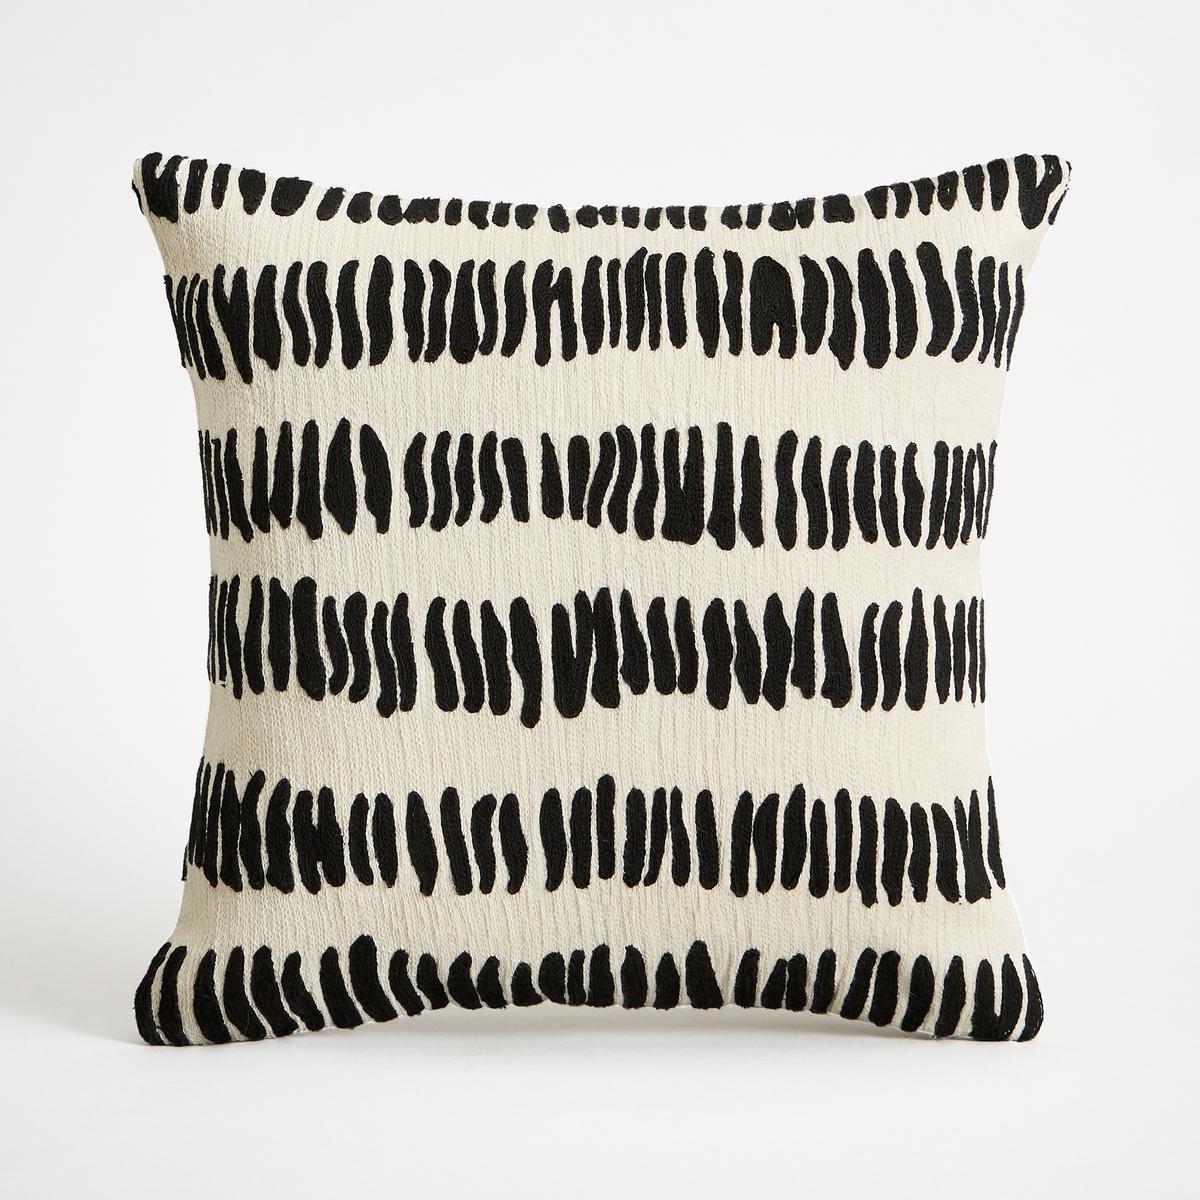 Наволочка на подушку-валик AldisioНаволочка на подушку-валик Aldisio. Рисунок в виде вышитых черточек черного цвета. Задняя деталь цвета экрю. 100% хлопок. Застежка на скрытую молнию сзади. Размеры : 40 x 40 см. Подушка продается отдельно.<br><br>Цвет: черный/ белый